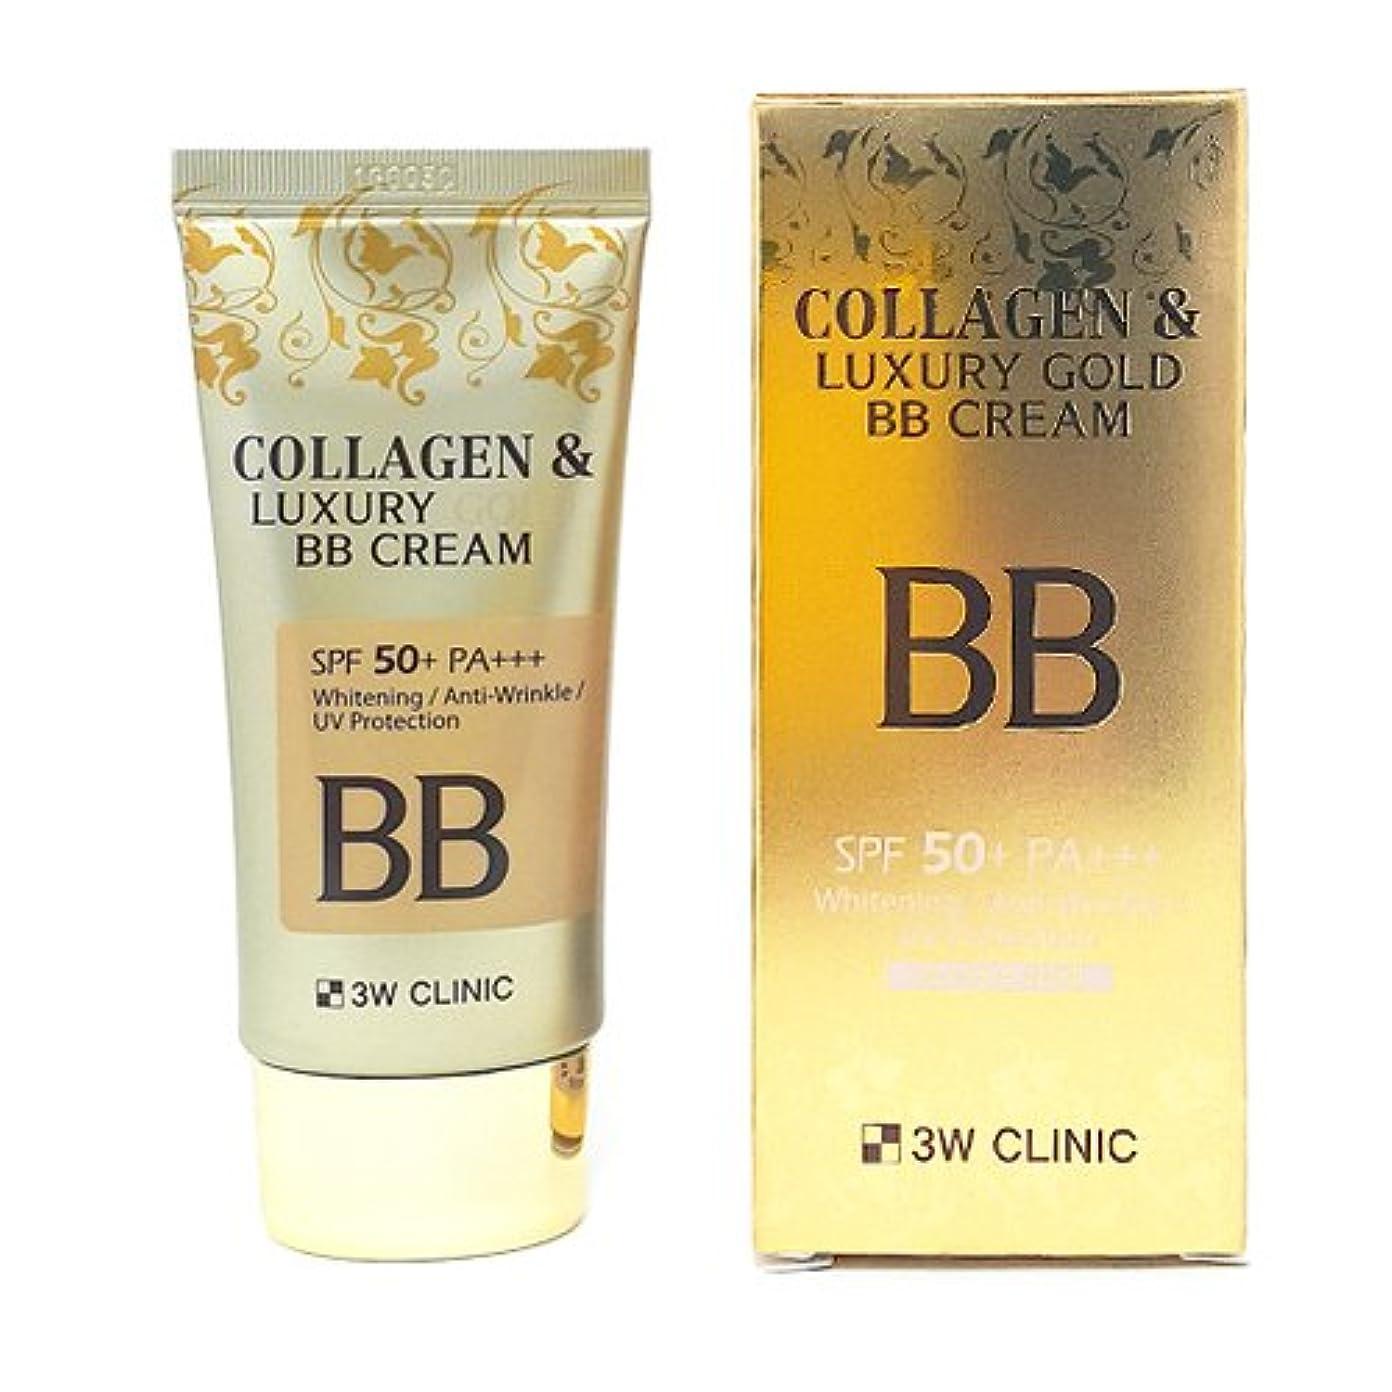 ピクニックをする皿エラー3Wクリニック[韓国コスメ3w Clinic]Collagen & Luxury Gold BB Cream コラーゲンラグジュアリーゴールド BBクリーム50ml 50+/PA+++[並行輸入品]